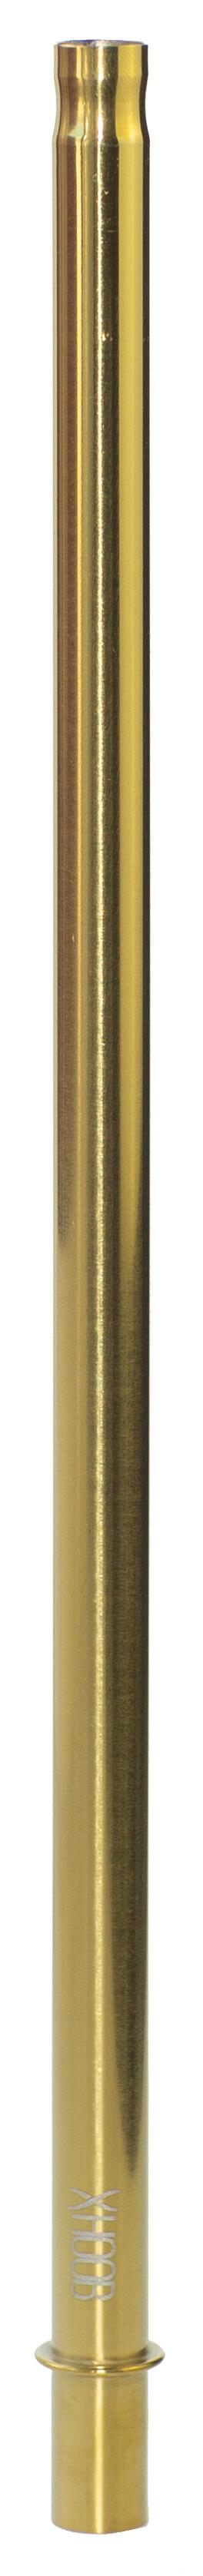 Мундштук для Кальяну Hoob Stik 30 Gold